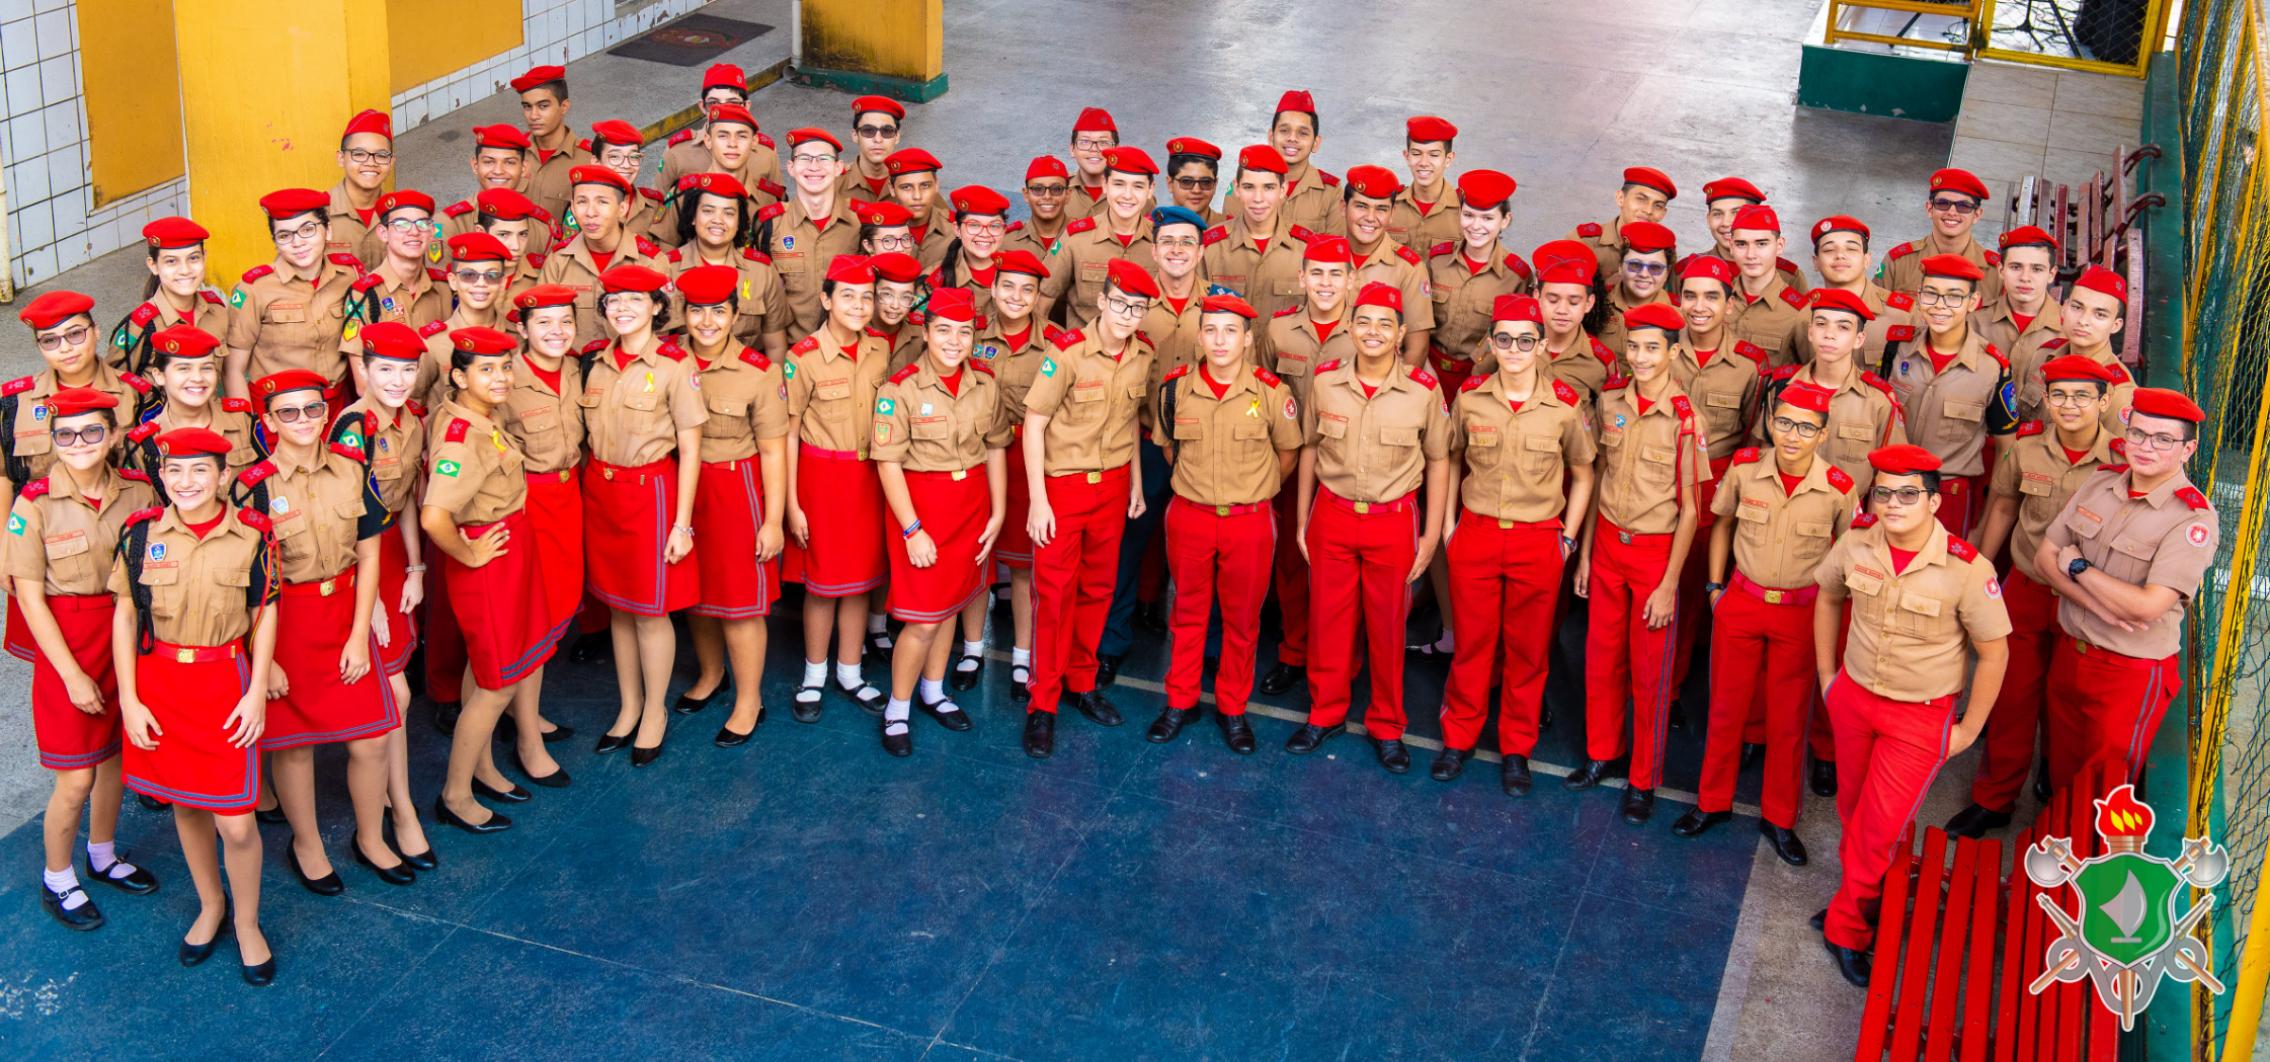 Colégio dos Bombeiros conquista 45 medalhas de ouro em competições nacionais de Astronomia e Astronáutica